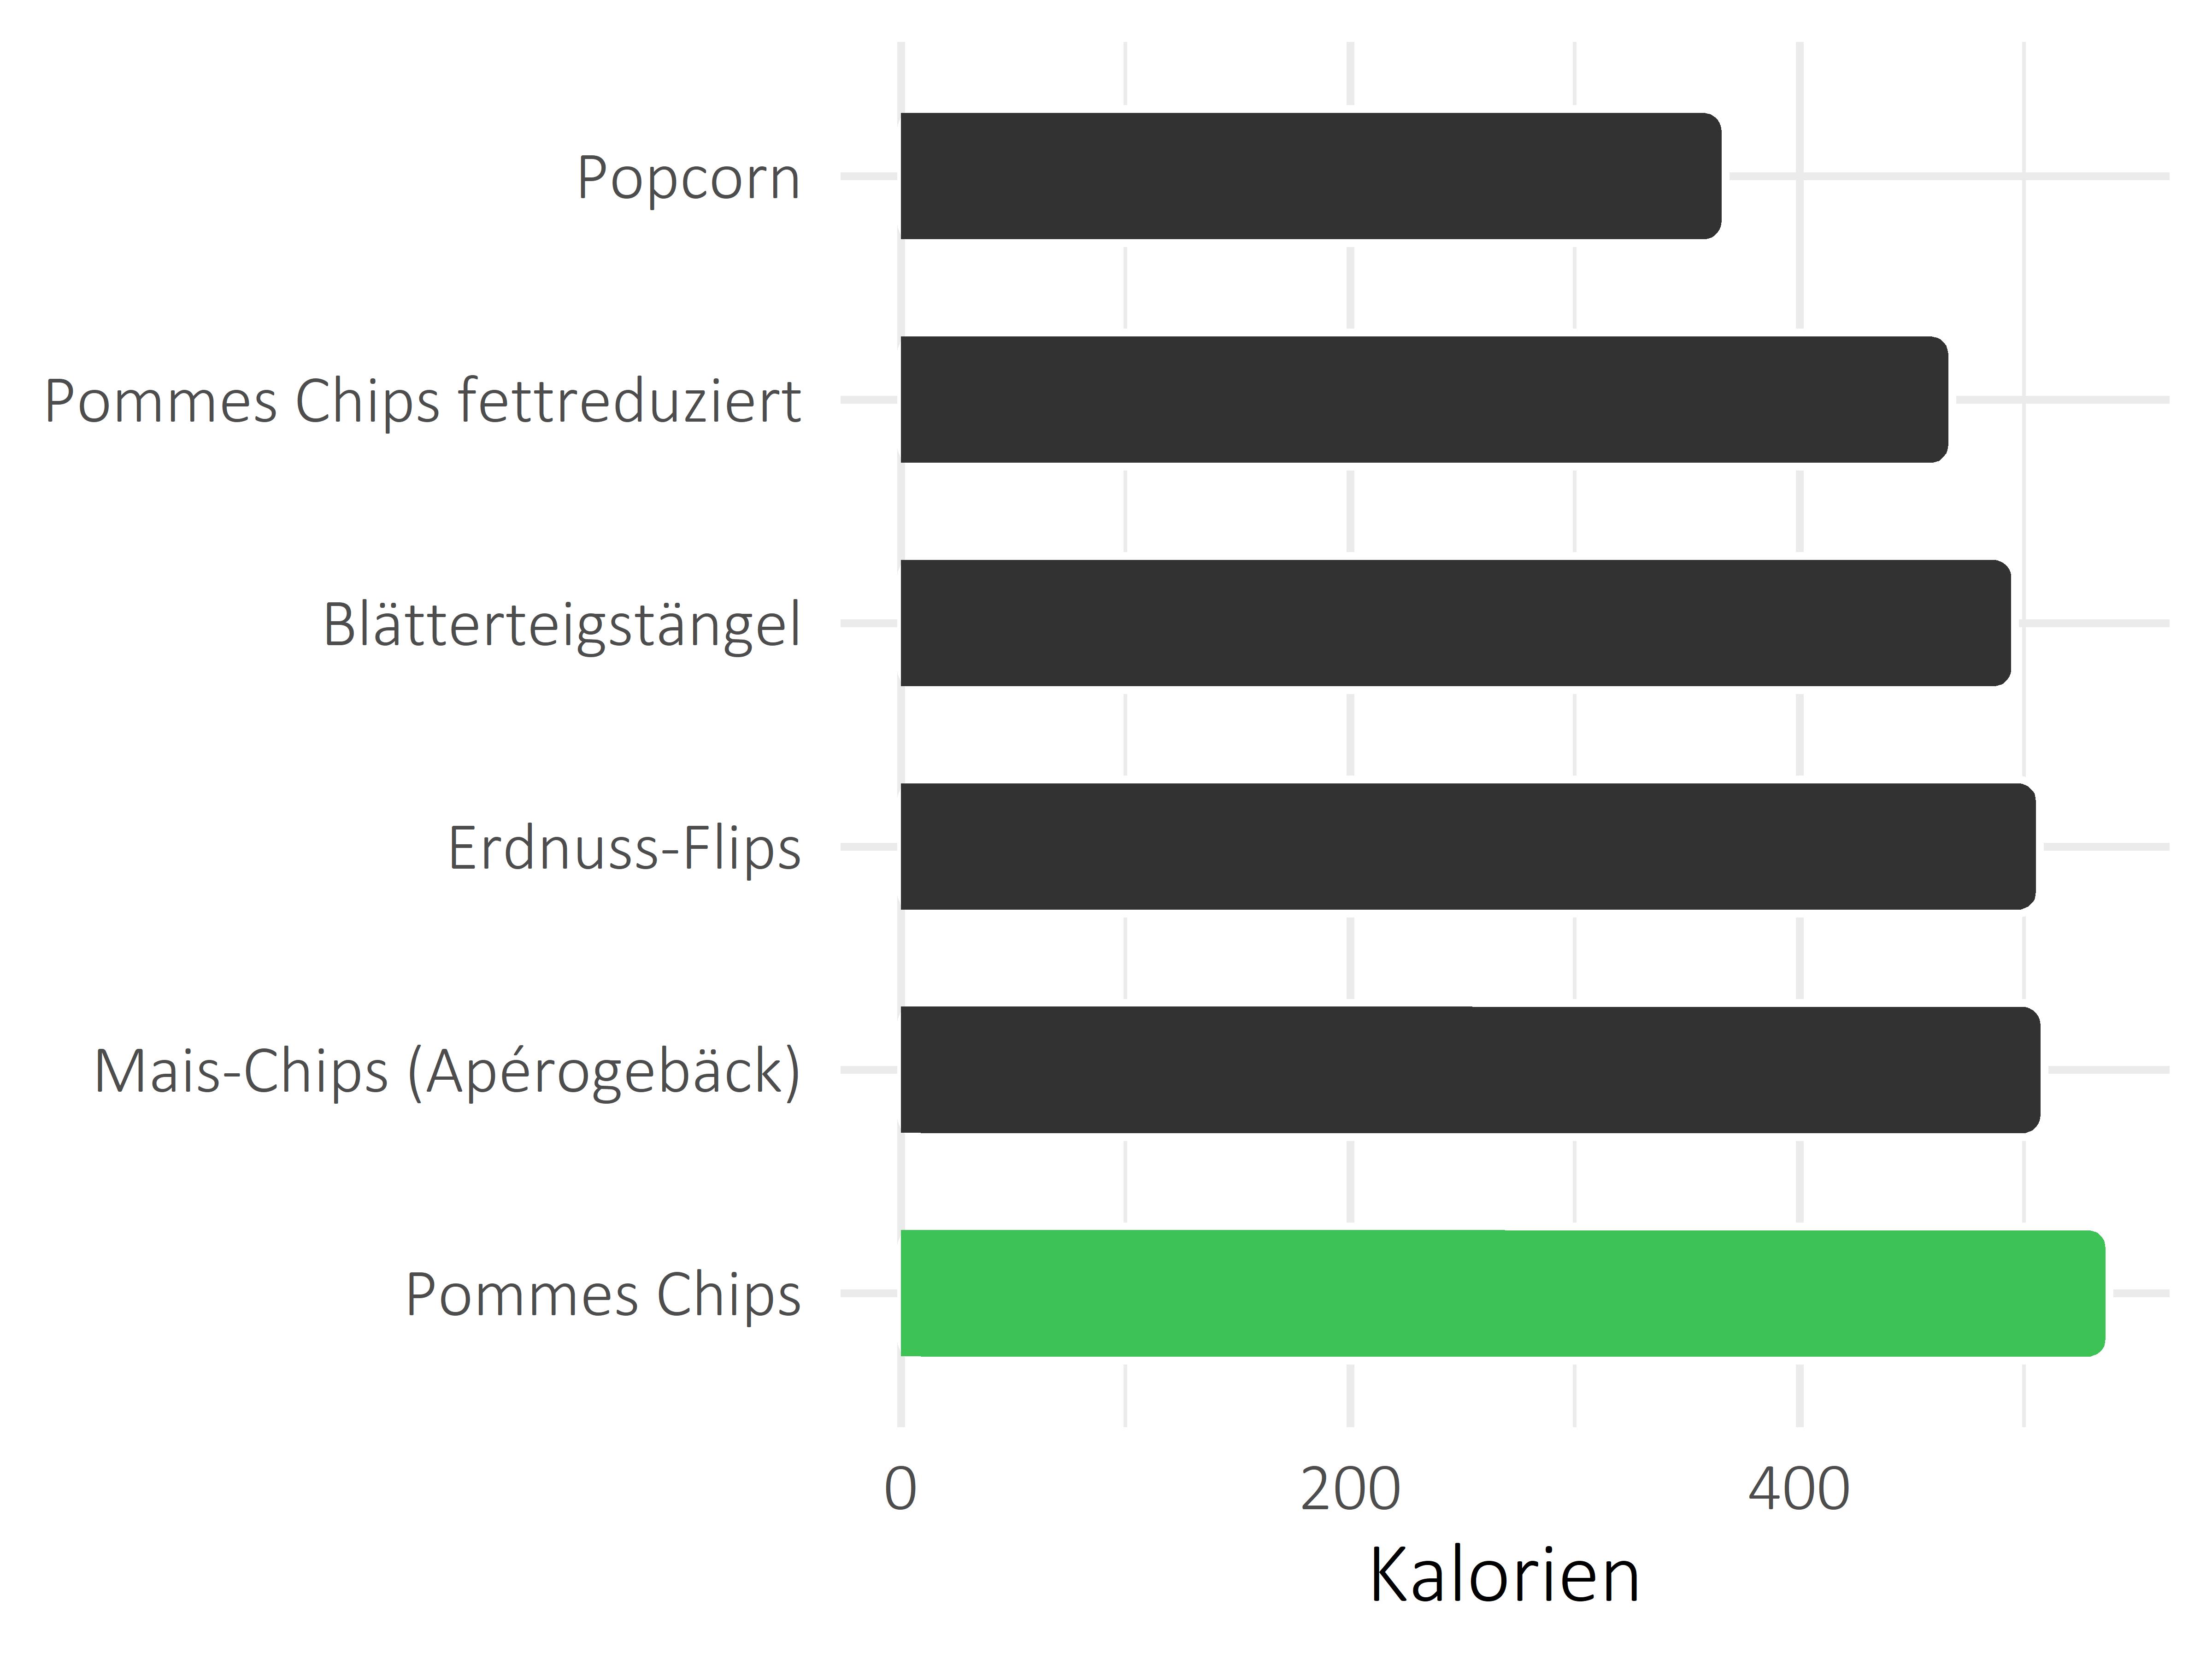 Chips Kalorien Vergleich